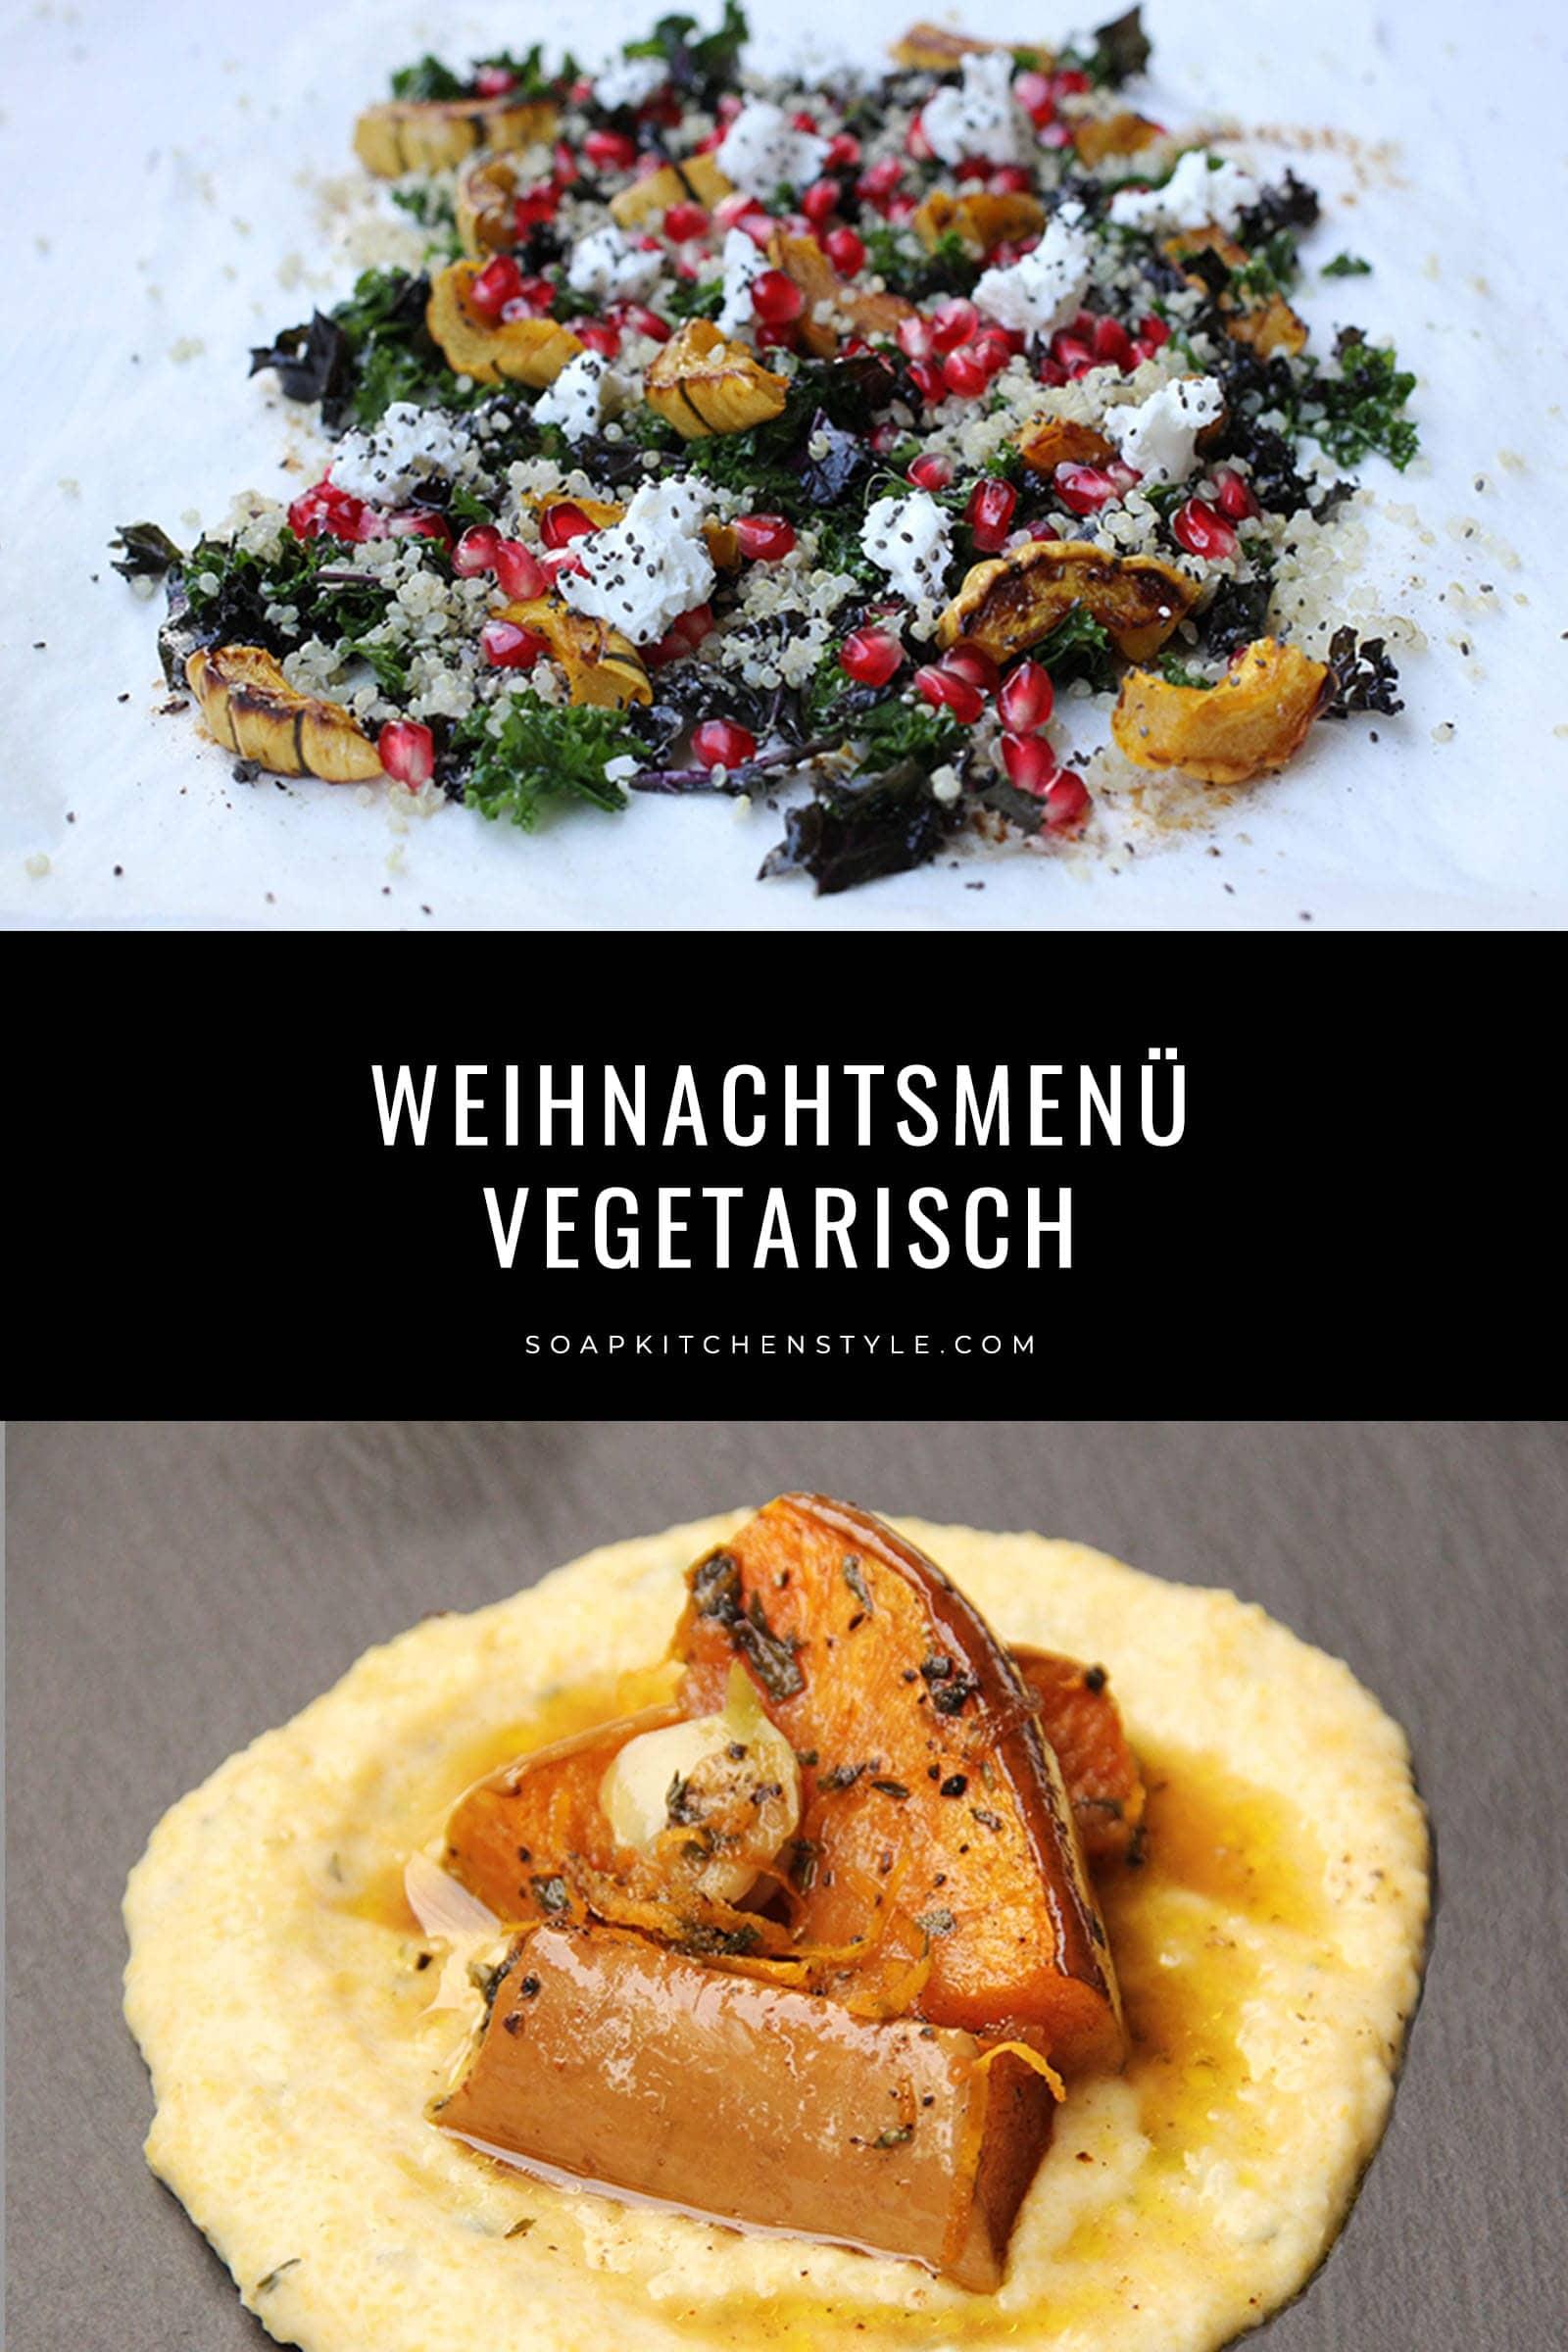 Weihnachtsmenü Vegetarisch.Weihnachtsmenü Easy Peasy Vegetarisch Oder Deluxe Soap Kitchen